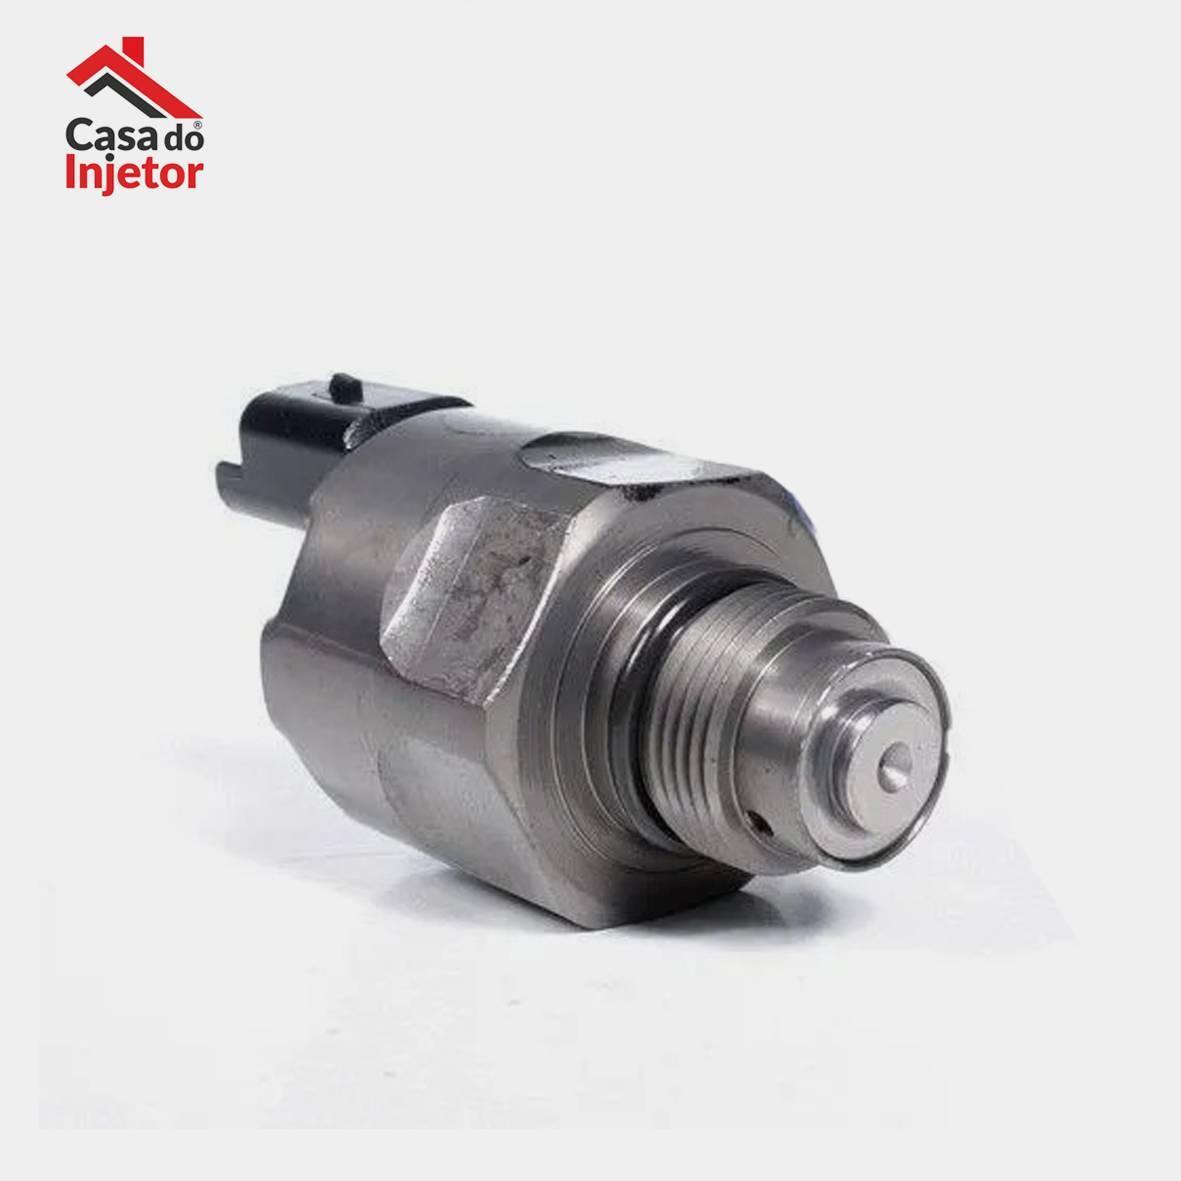 Válvula PCV Bomba de alta pressão Ranger X39-800-300-005Z - Casa do Injetor